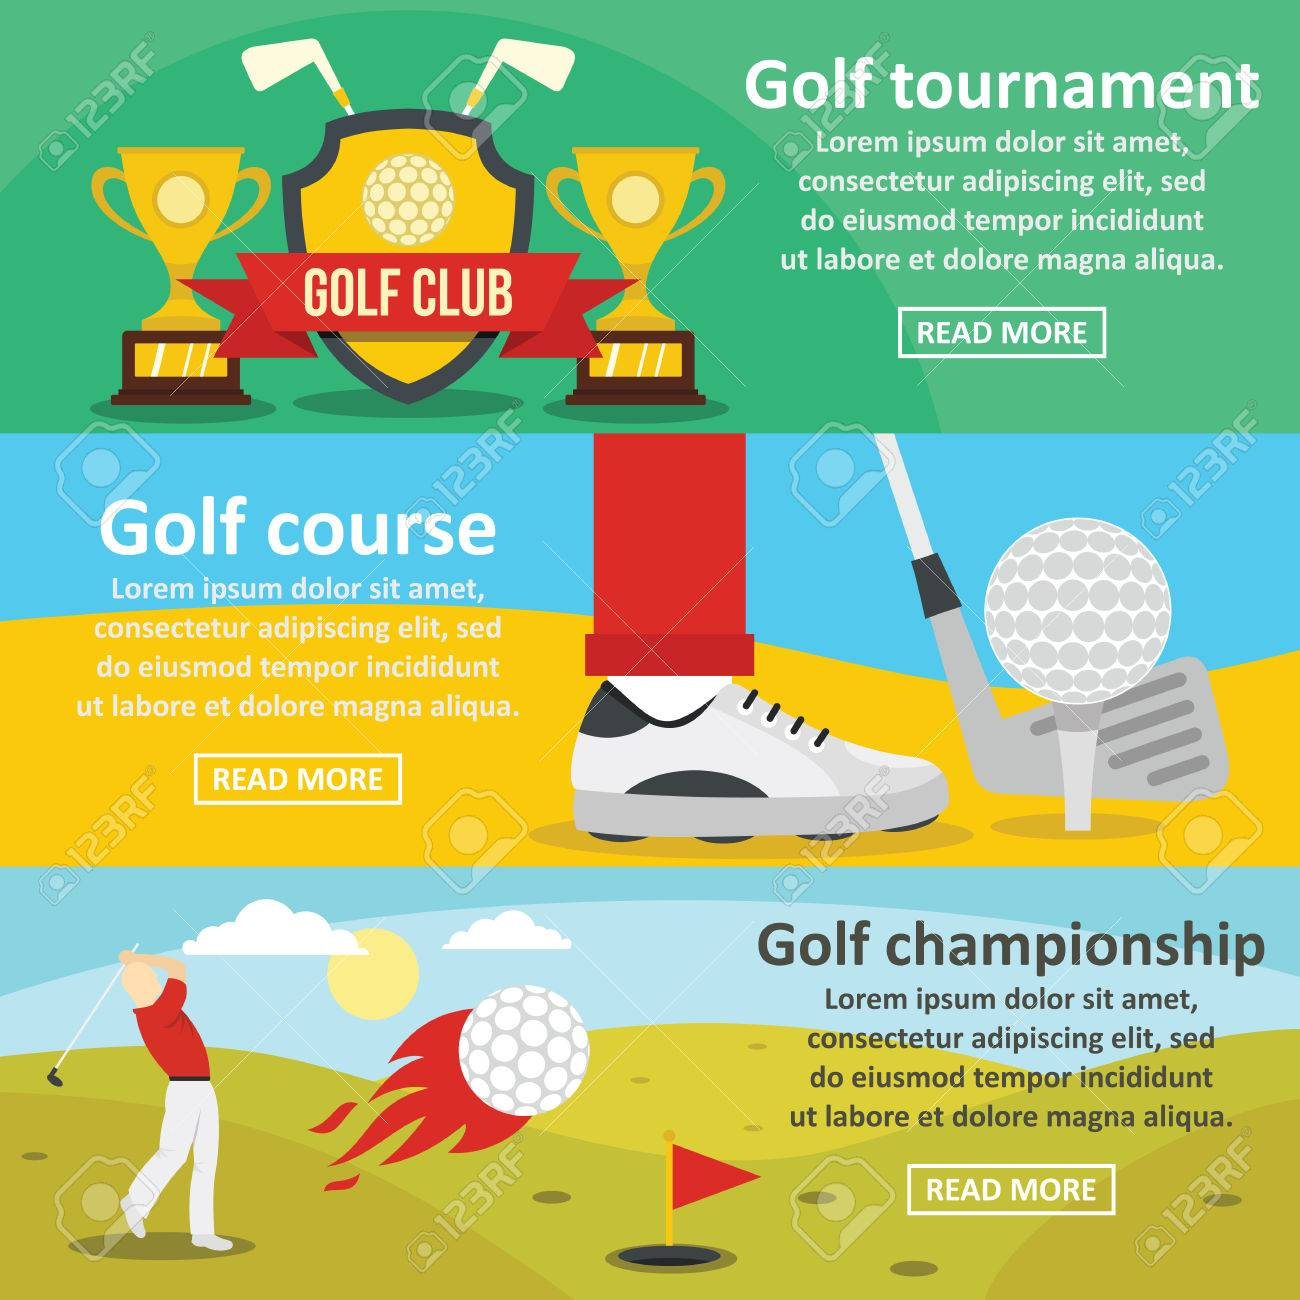 cb5cbe08b Conjunto de concepto de banner horizontal de torneo de golf. Ilustración  plana de 3 torneo